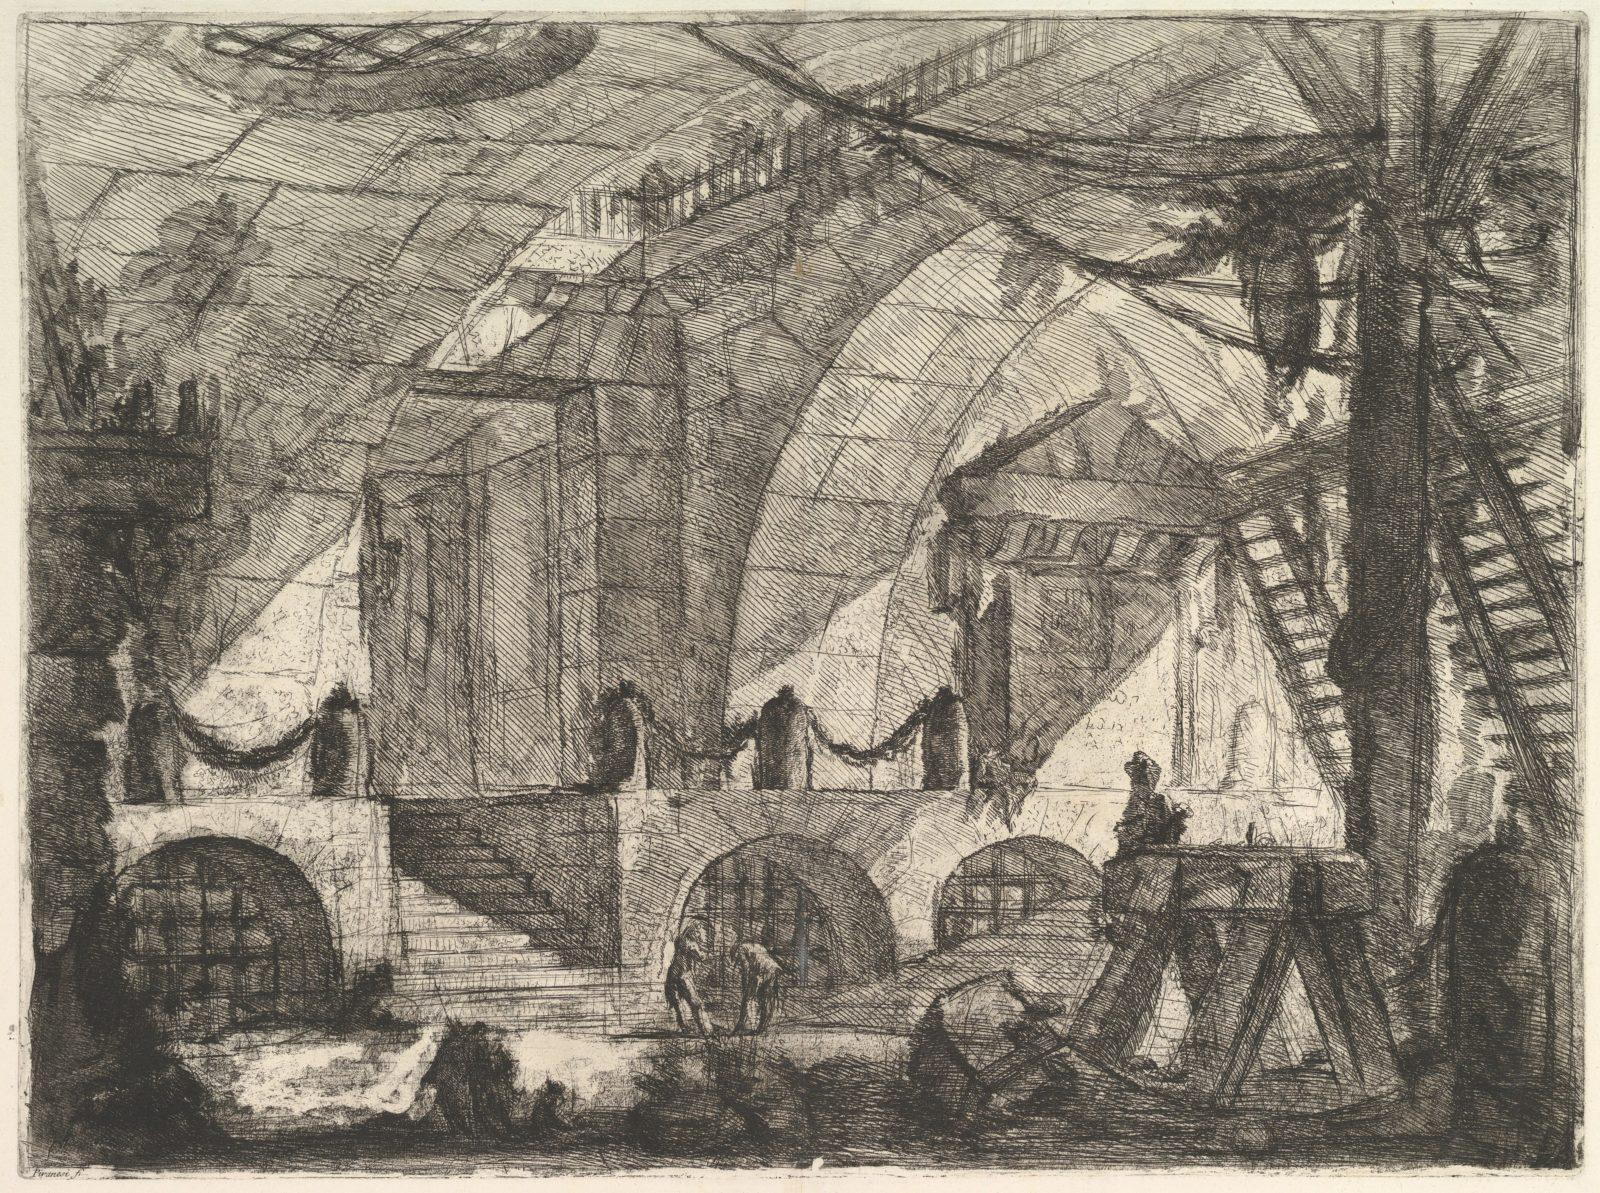 The Sawhorse, from Carceri d'invenzione (Imaginary Prisons)